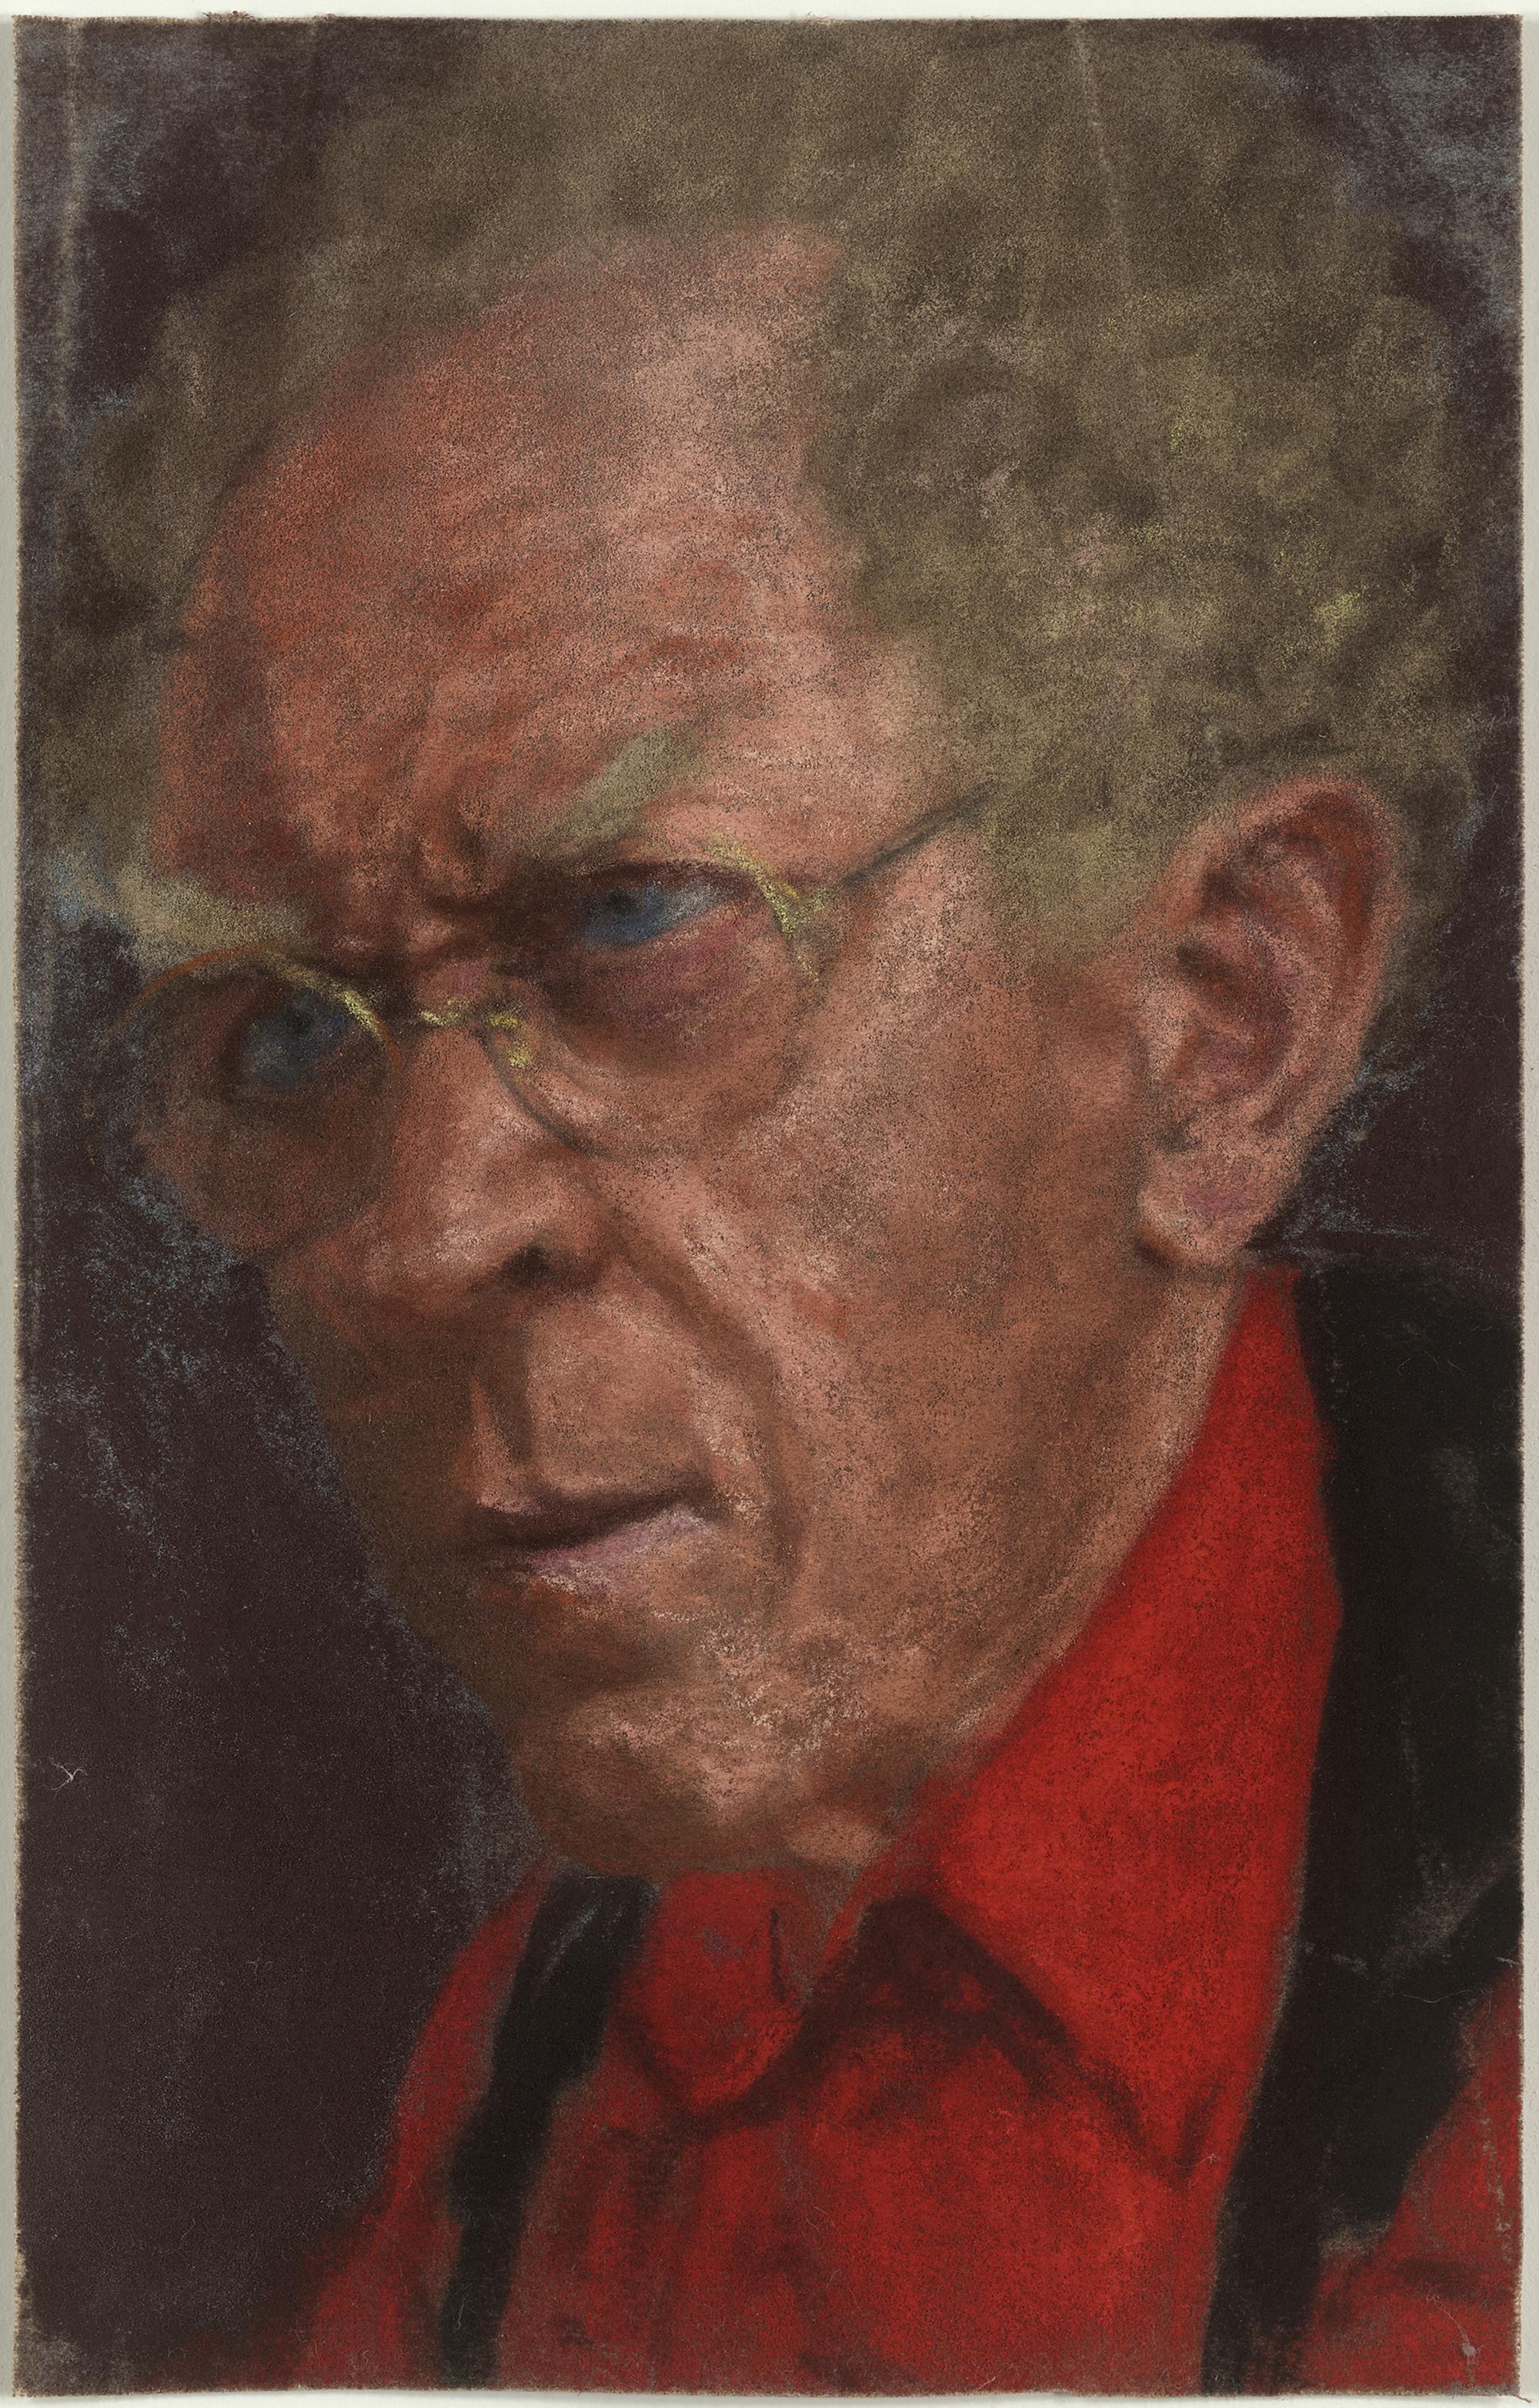 红衣自画像,阿维格多·阿利卡,纸本色粉,31×19.8cm,2000年